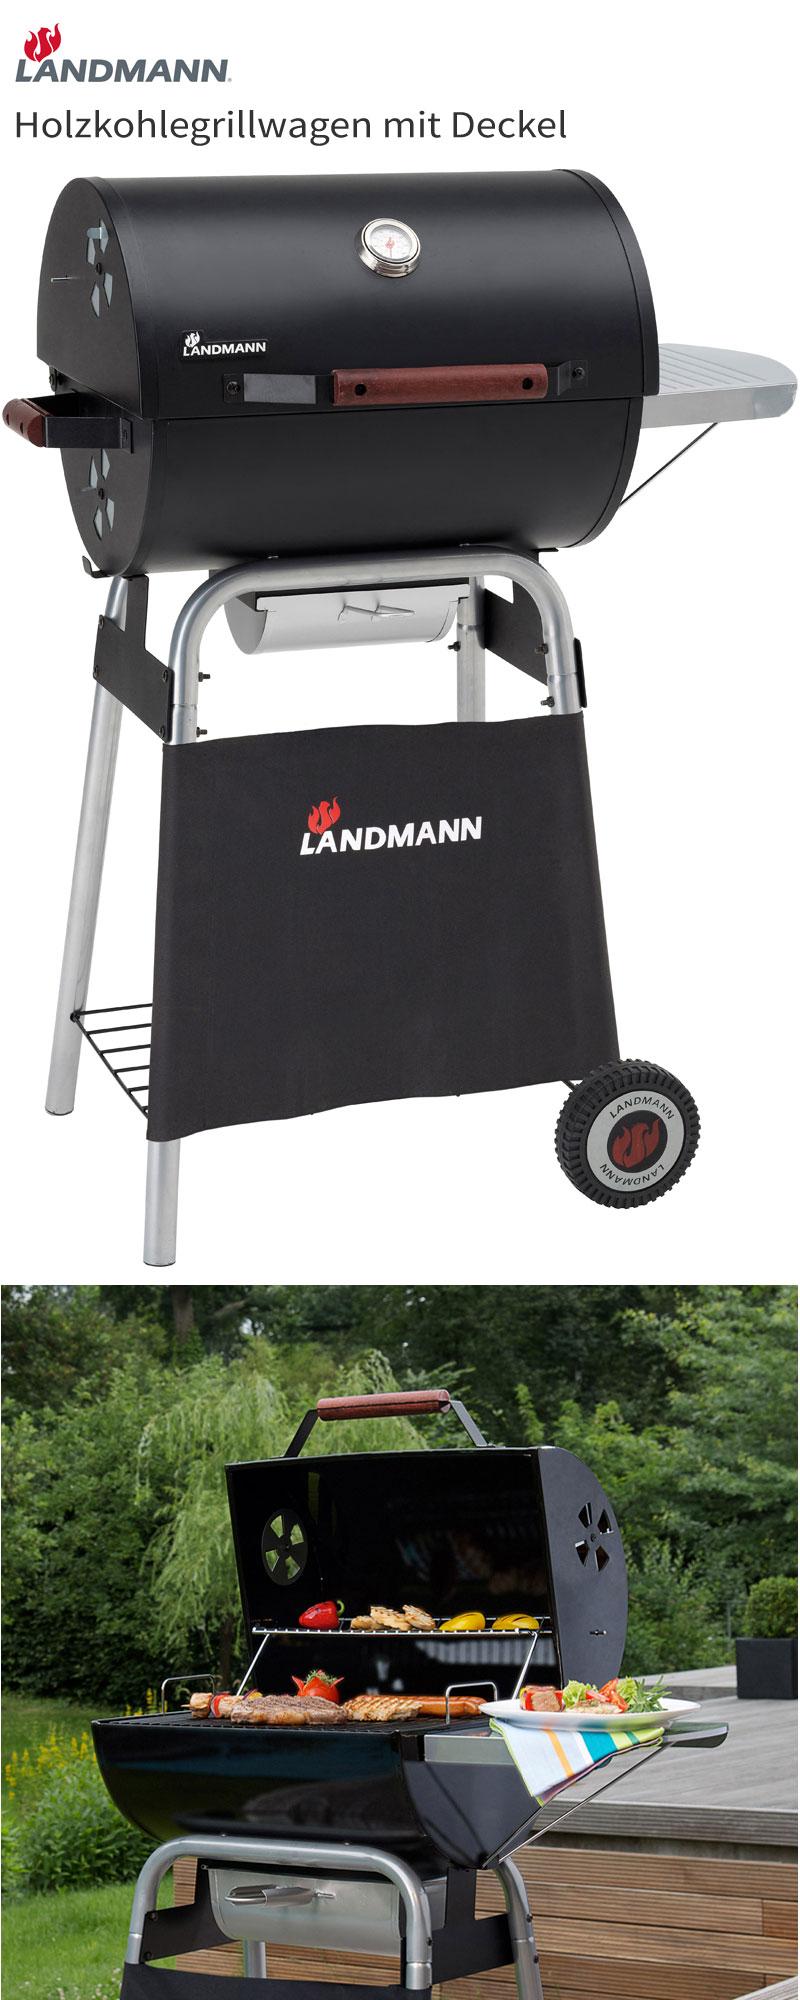 landmann holzkohle garten grill gusseisen roste grillwagen deckel warmhalterost ebay. Black Bedroom Furniture Sets. Home Design Ideas